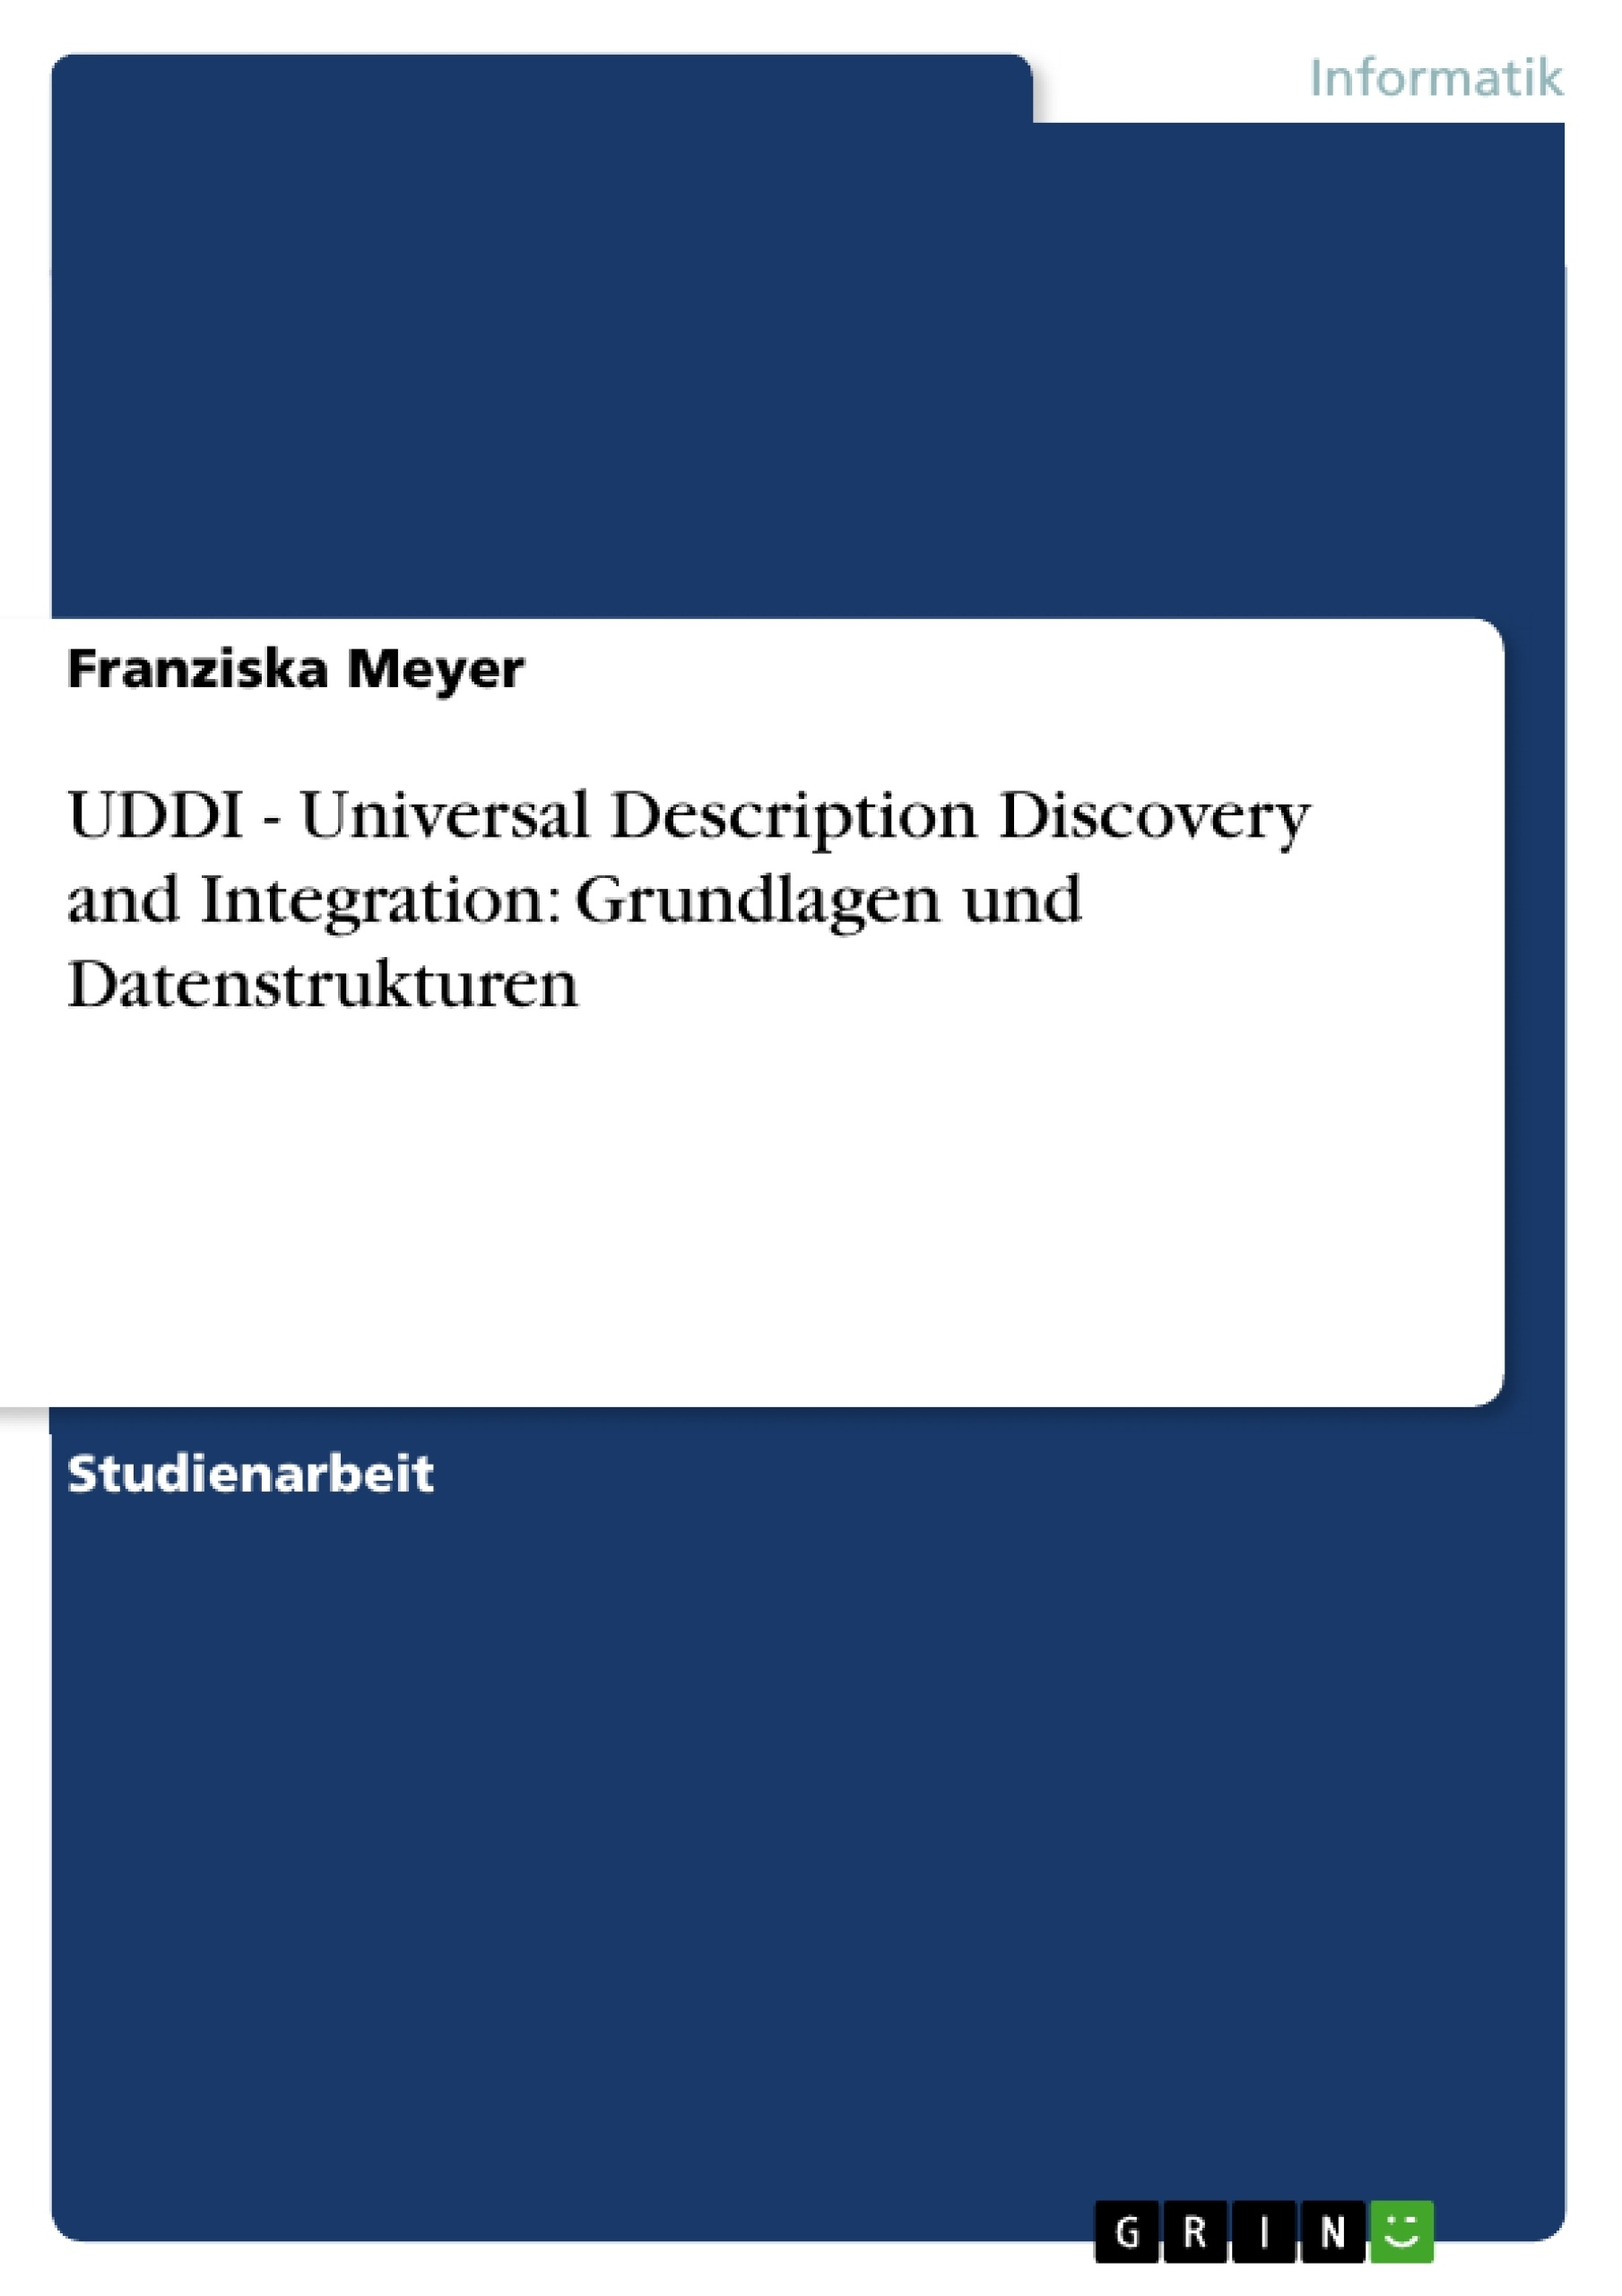 Titel: UDDI - Universal Description Discovery and Integration: Grundlagen und Datenstrukturen